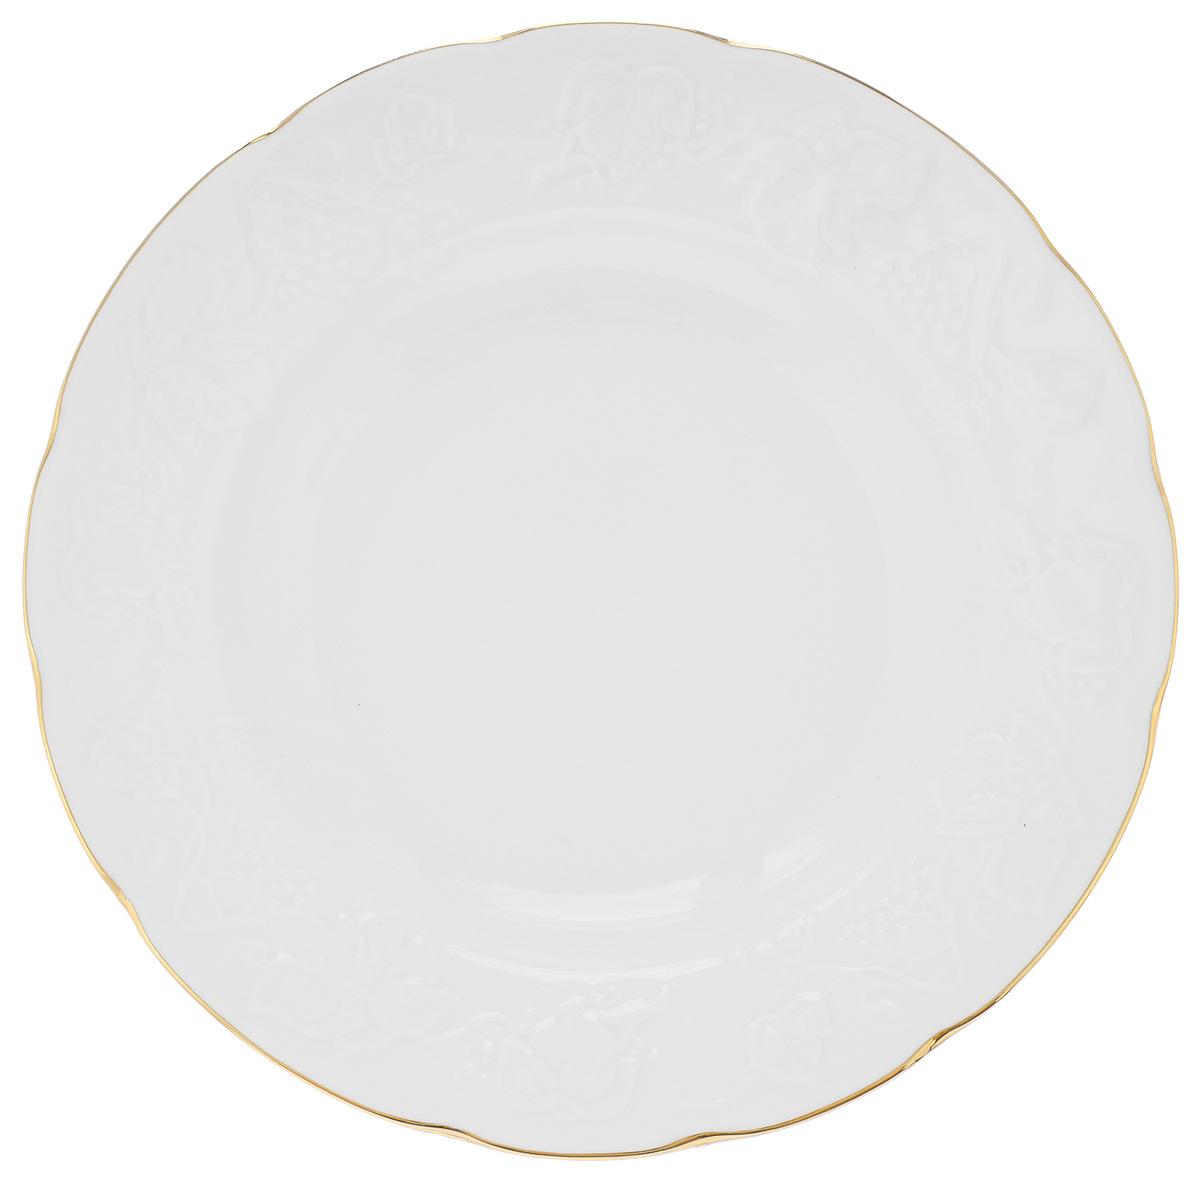 """Тарелка десертная La Rose Des Sables """"Vendanges"""", выполненная из высококачественного фарфора, декорирована рельефным изображением цветов. Изящный дизайн придется по вкусу и ценителям классики, и тем, кто предпочитает утонченность.  Тарелка десертная La Rose Des Sables """"Vendanges"""" идеально подойдет для сервировки стола и станет отличным подарком к любому празднику. Не рекомендуется использовать в микроволновой печи и мыть в посудомоечных машинах. Диаметр тарелки (по верхнему краю): 21 см. Высота стенки: 1,5 см."""